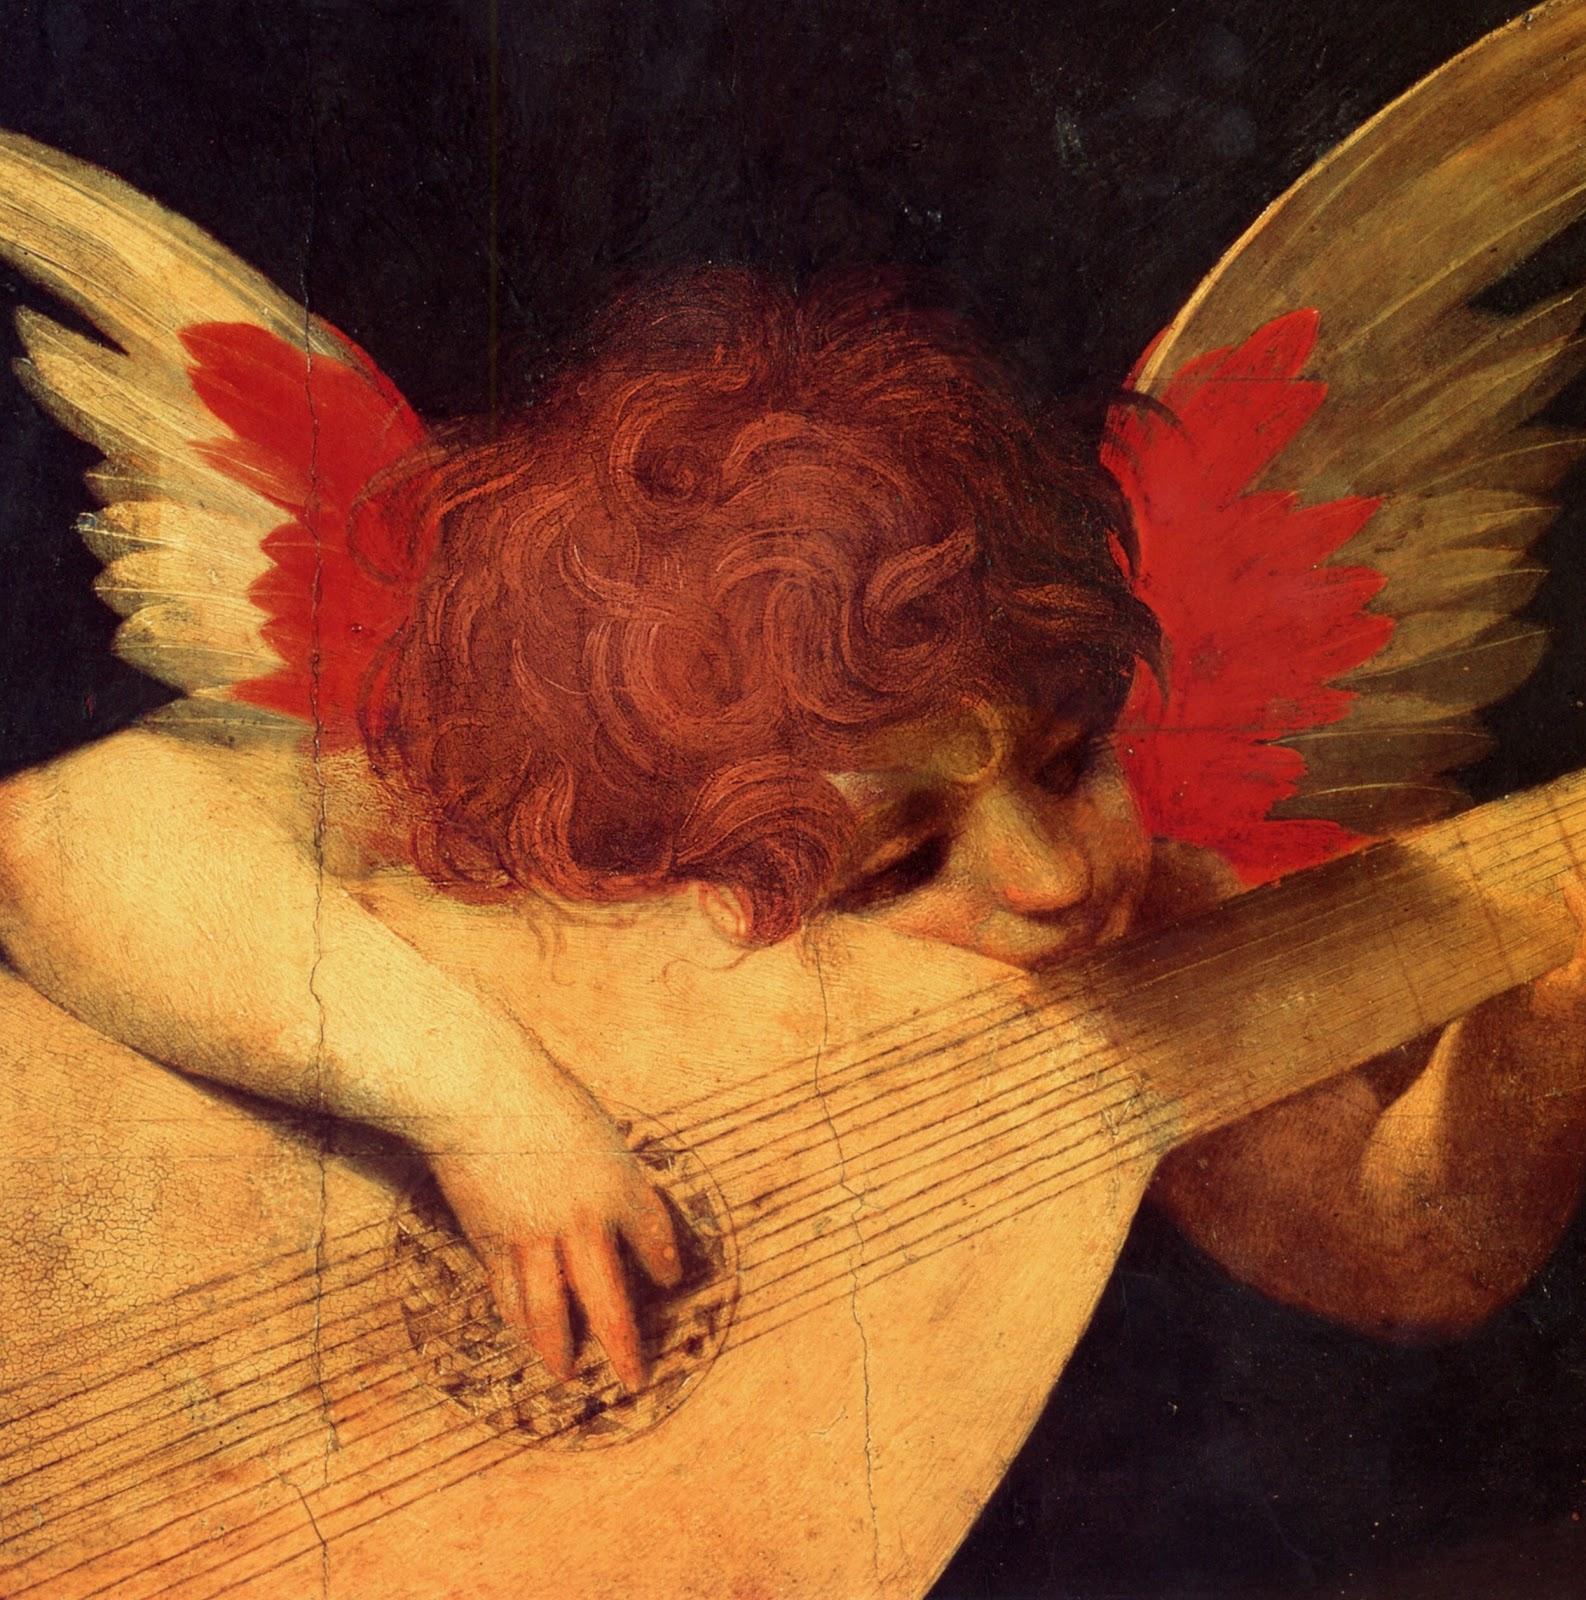 http://3.bp.blogspot.com/-rtp7cipmQdw/TzxA8nZftKI/AAAAAAAAPT4/Z0BLb_uO6jc/s1600/Musician+Angel+Painting.jpg